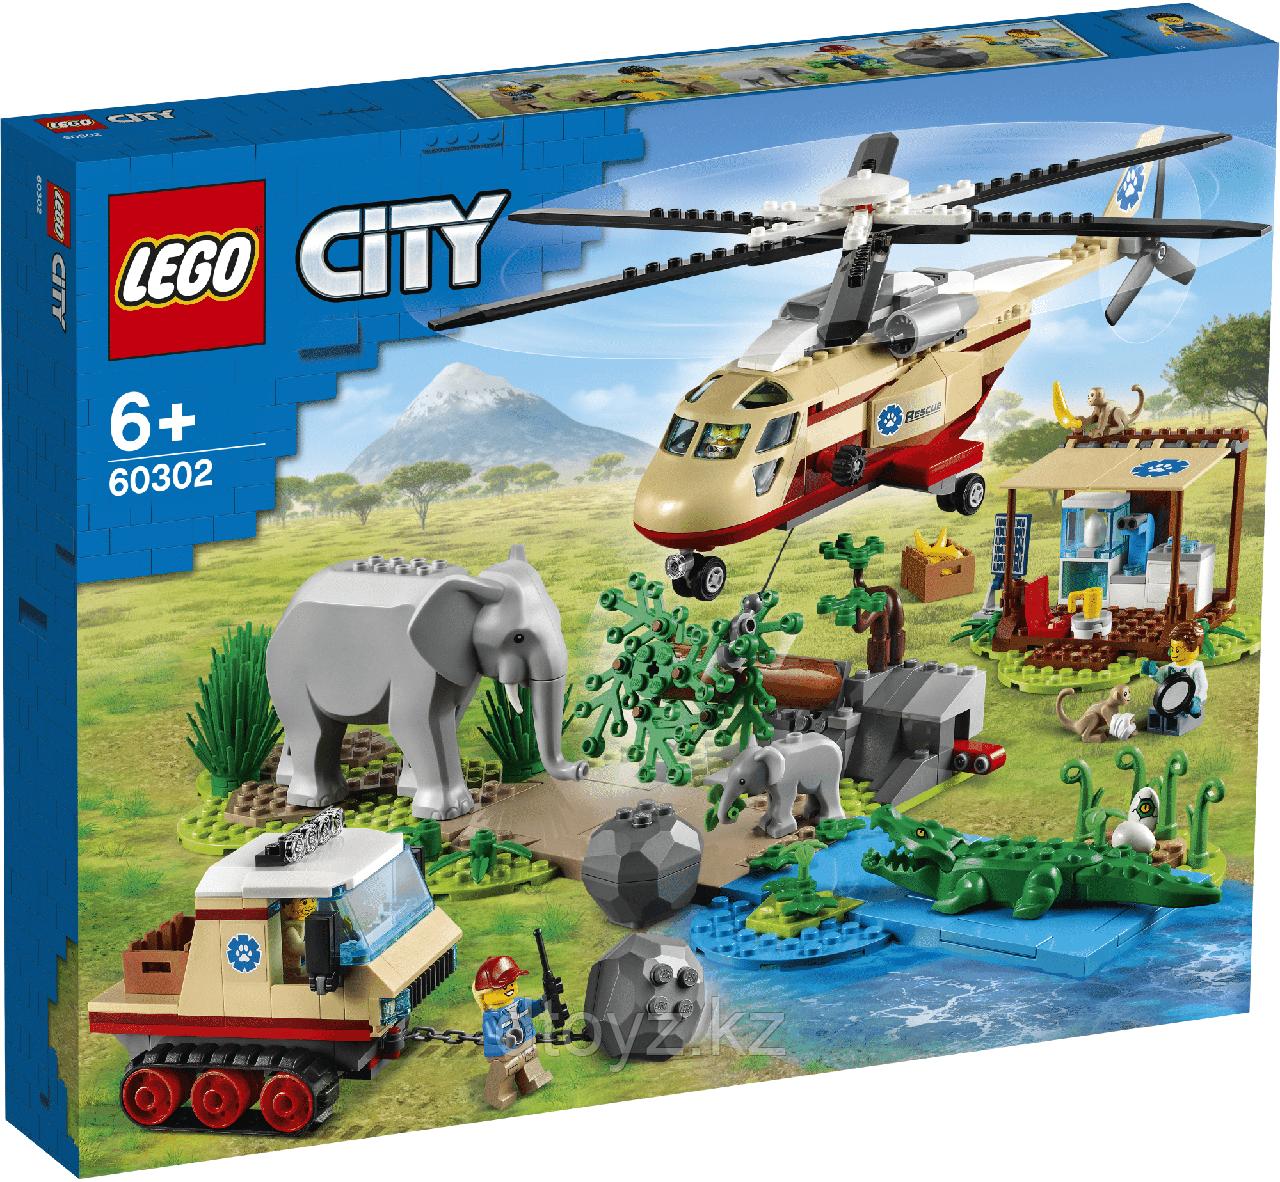 Lego City Wildlife Операция по спасению зверей 60302